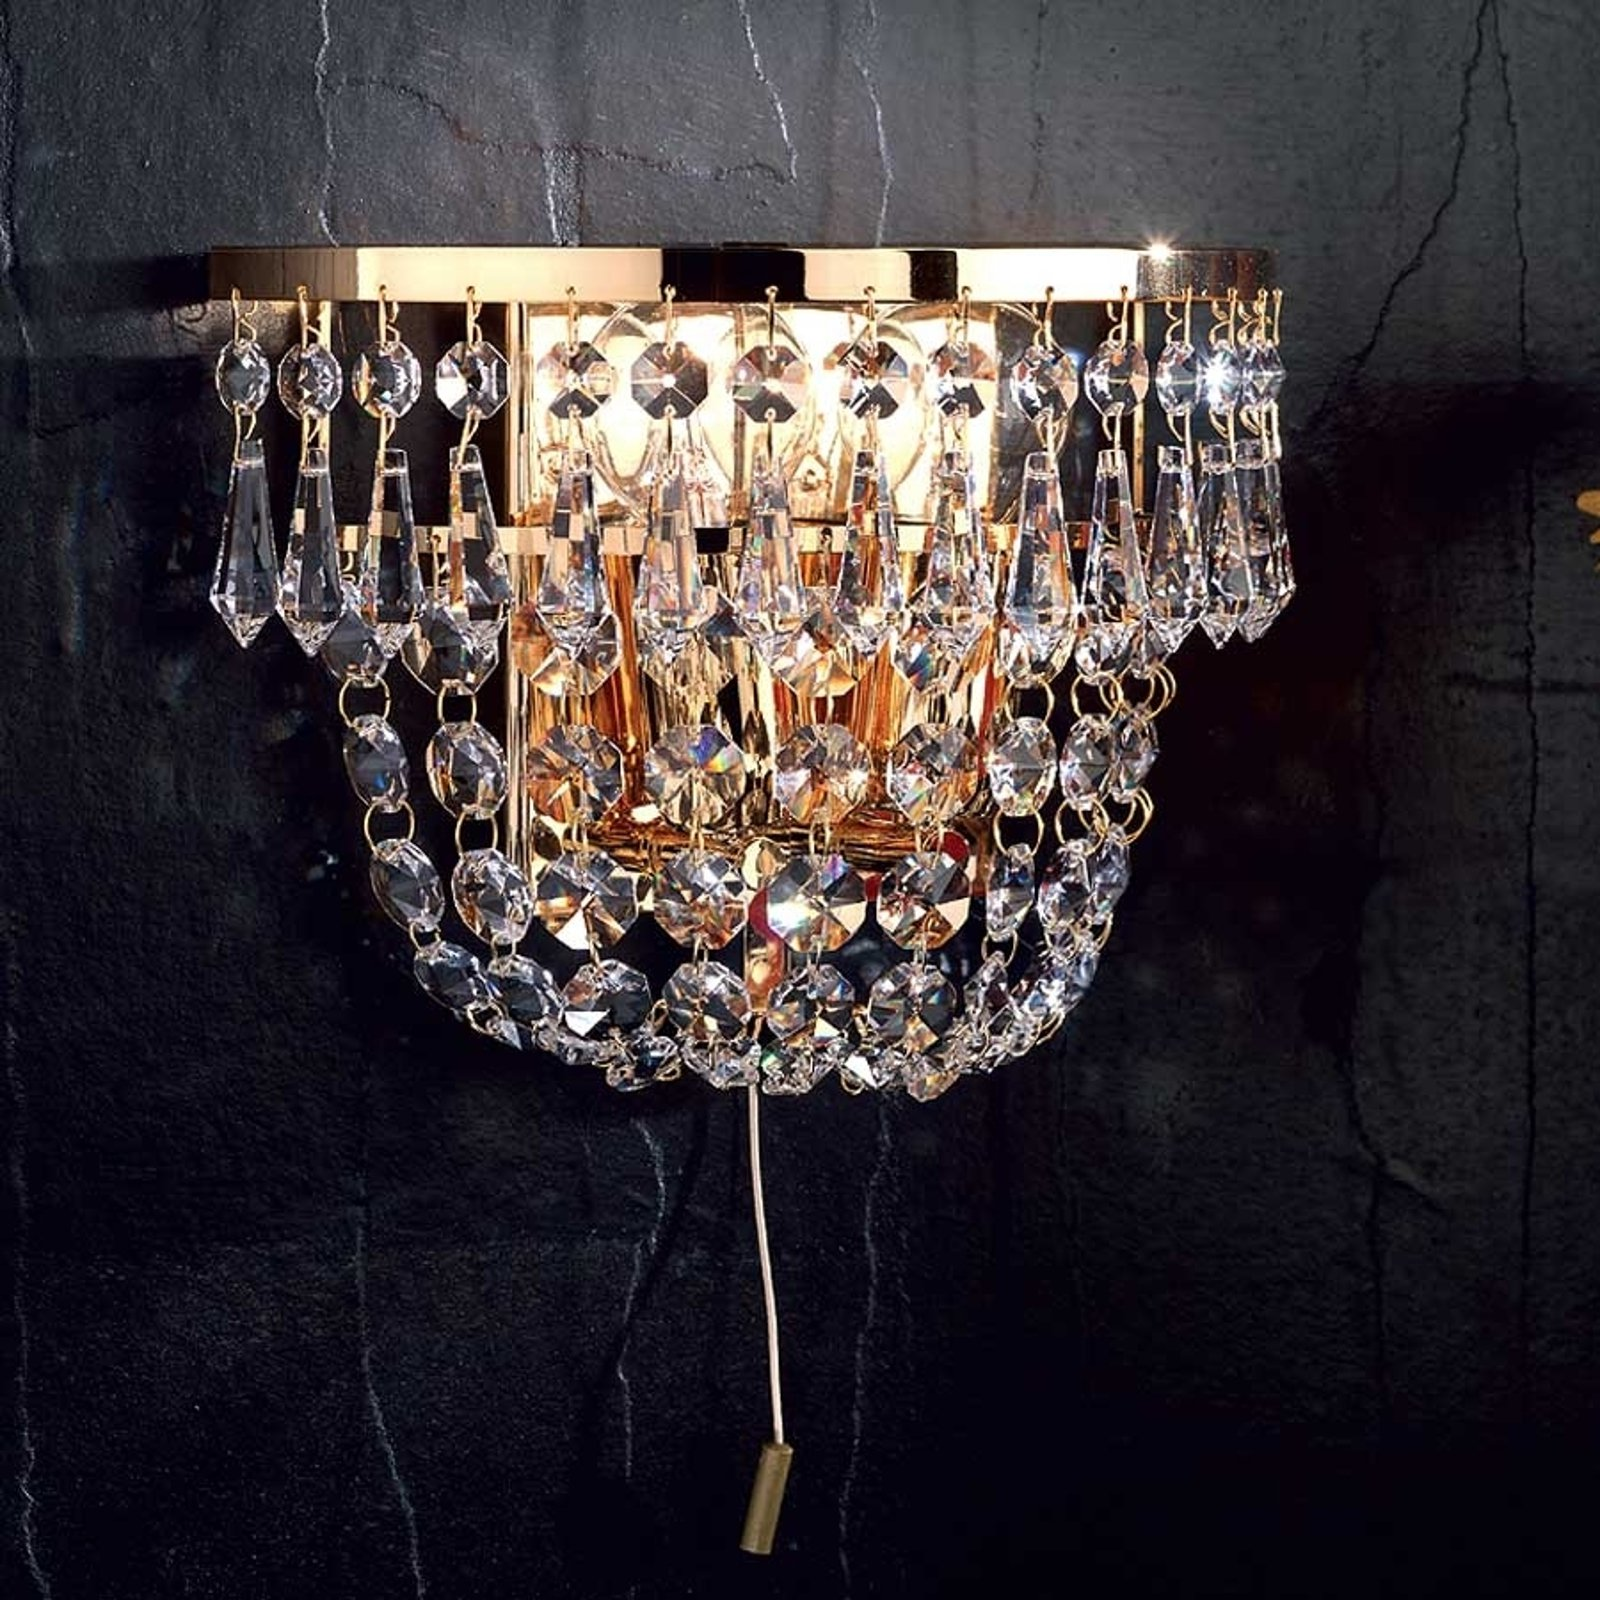 SHERATA krystallvegglampe i gull